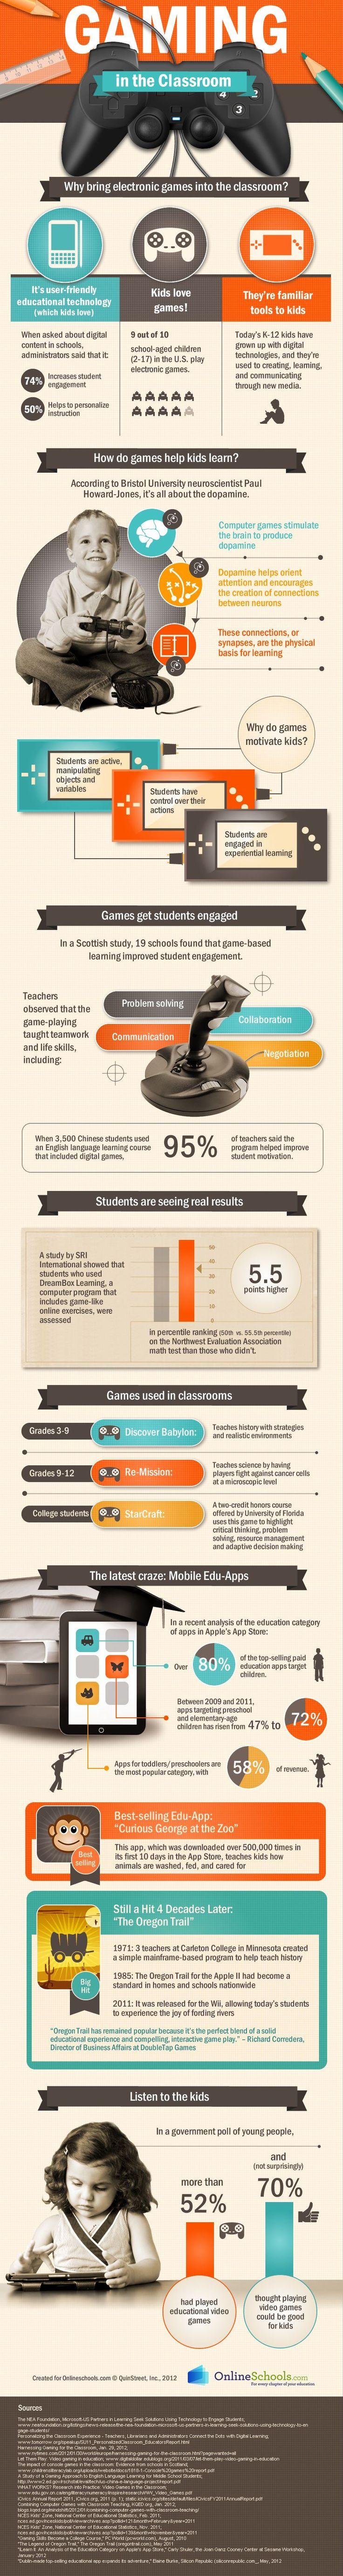 Les jeux vidéo favorisent l'apprentissage à l'école